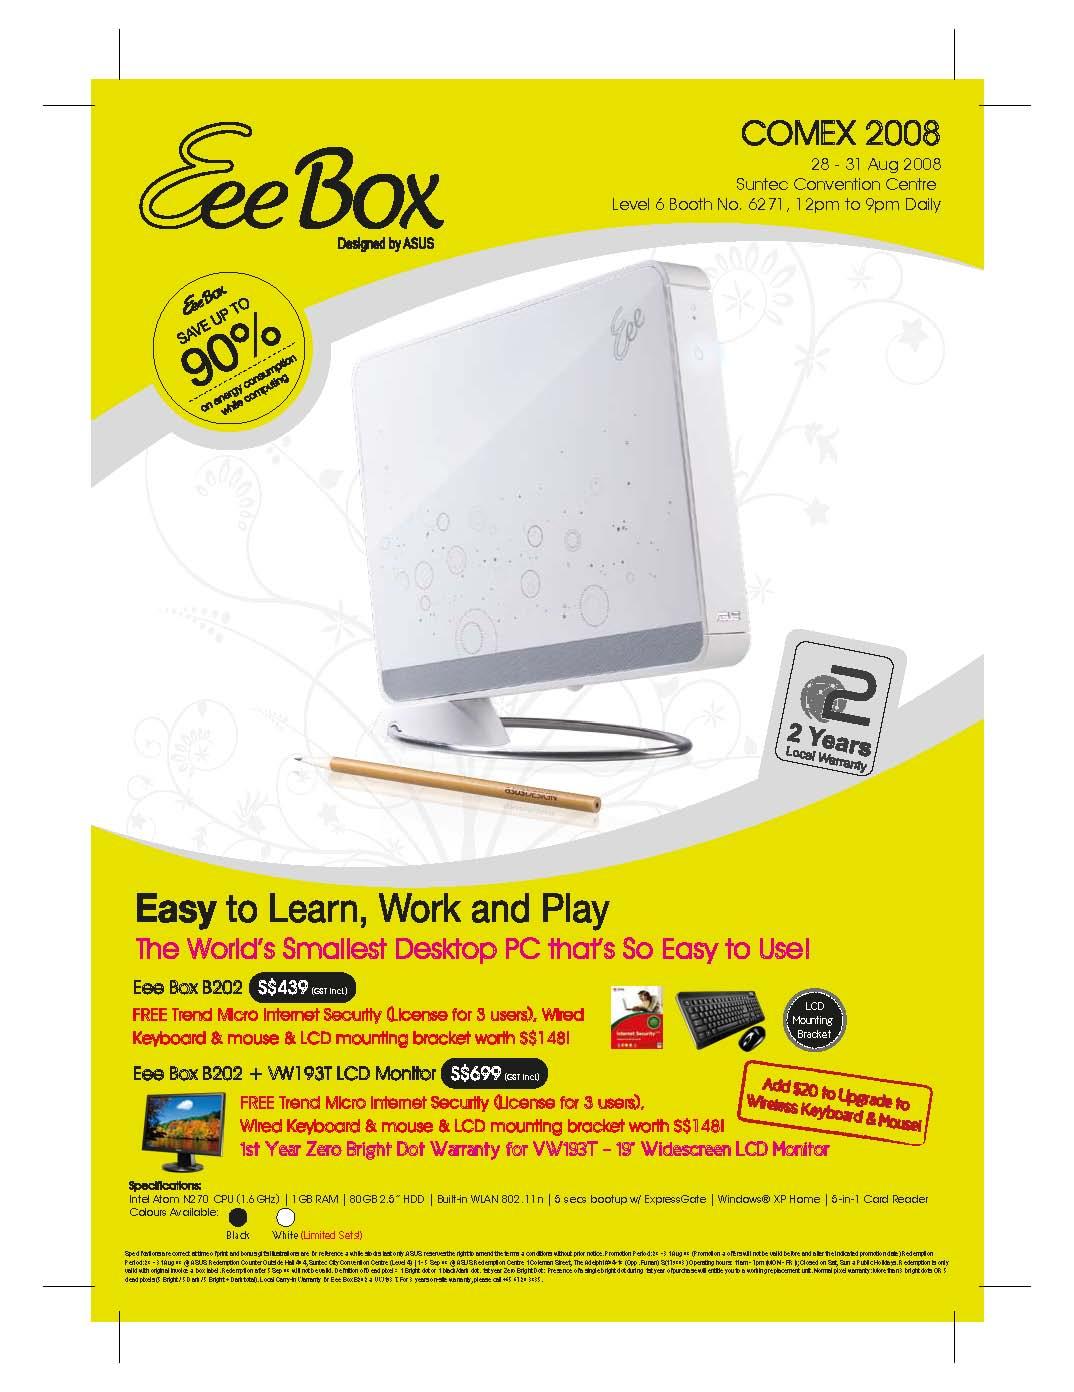 Comex 2008 price list image brochure of Asus EeeBox Flyer